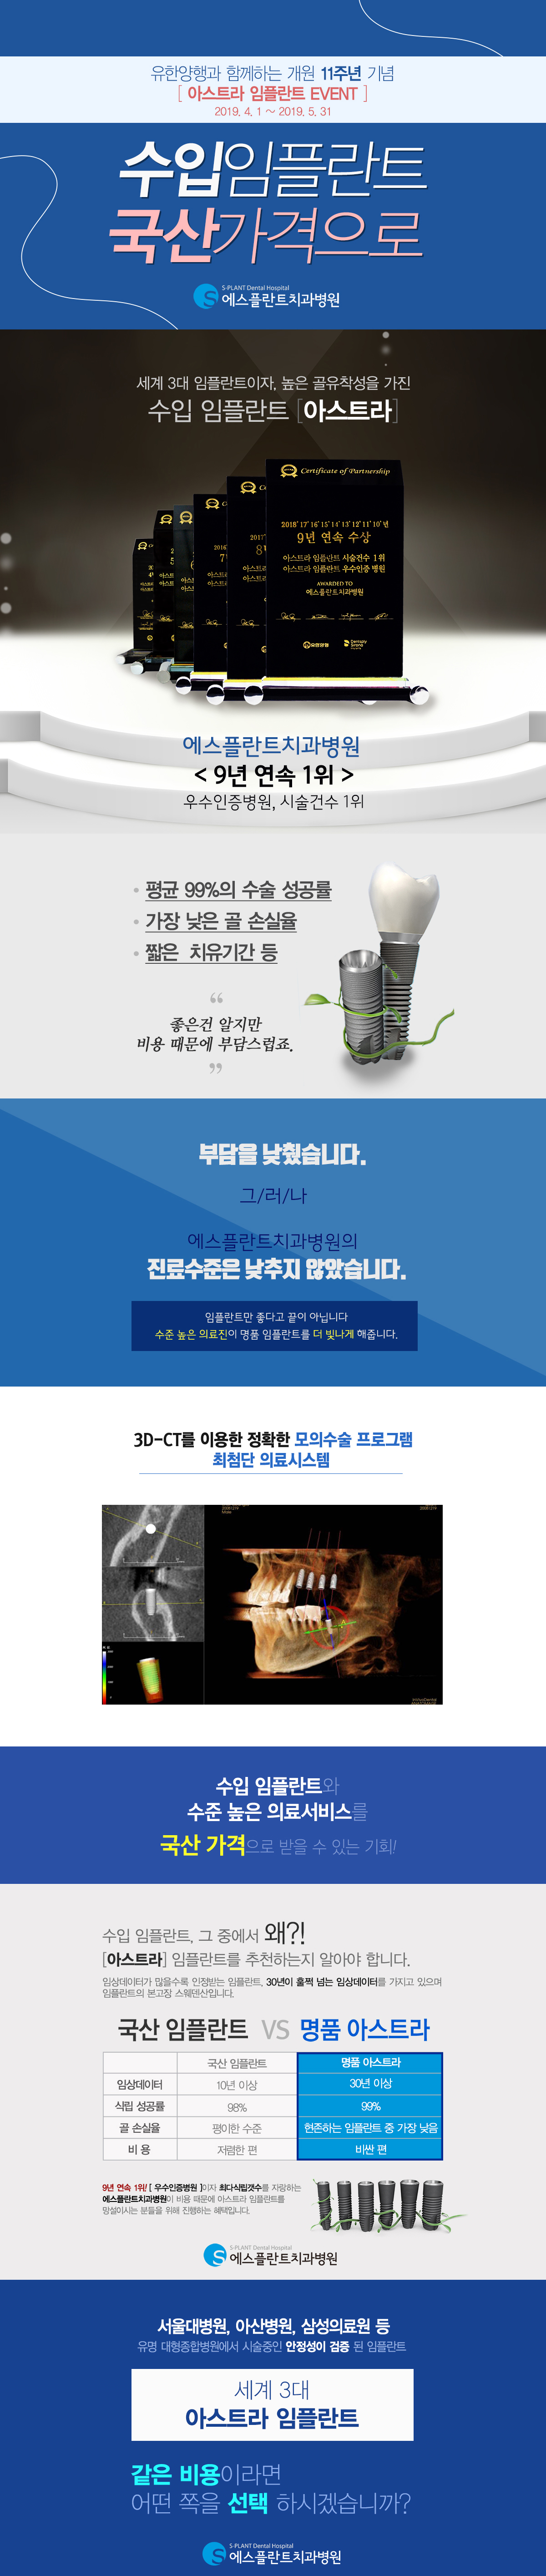 2019_11주년아스트라이벤트_홈페이지